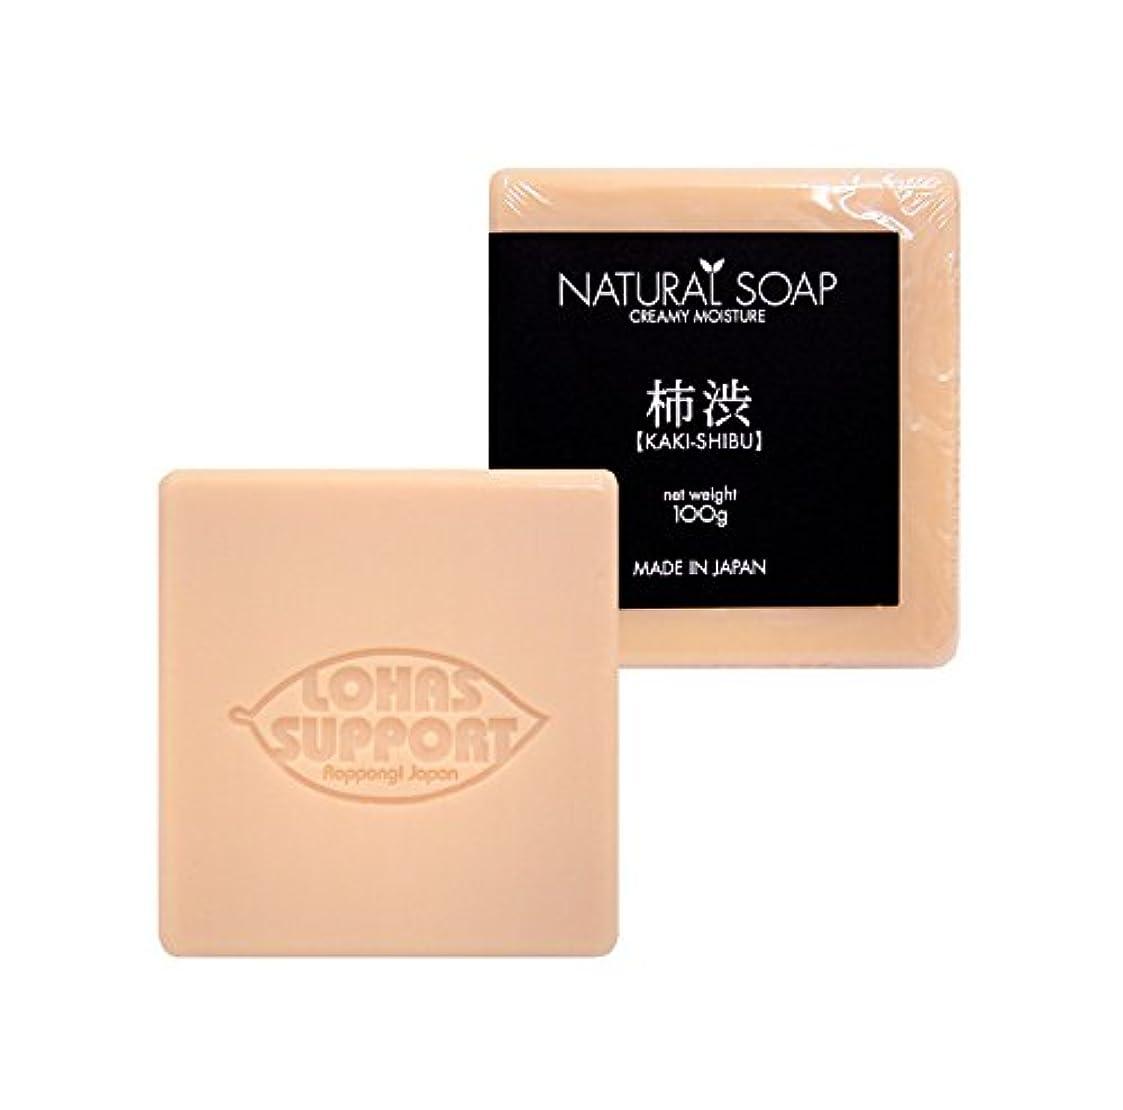 ベジタリアン黙認する公爵NATURAL SOAP